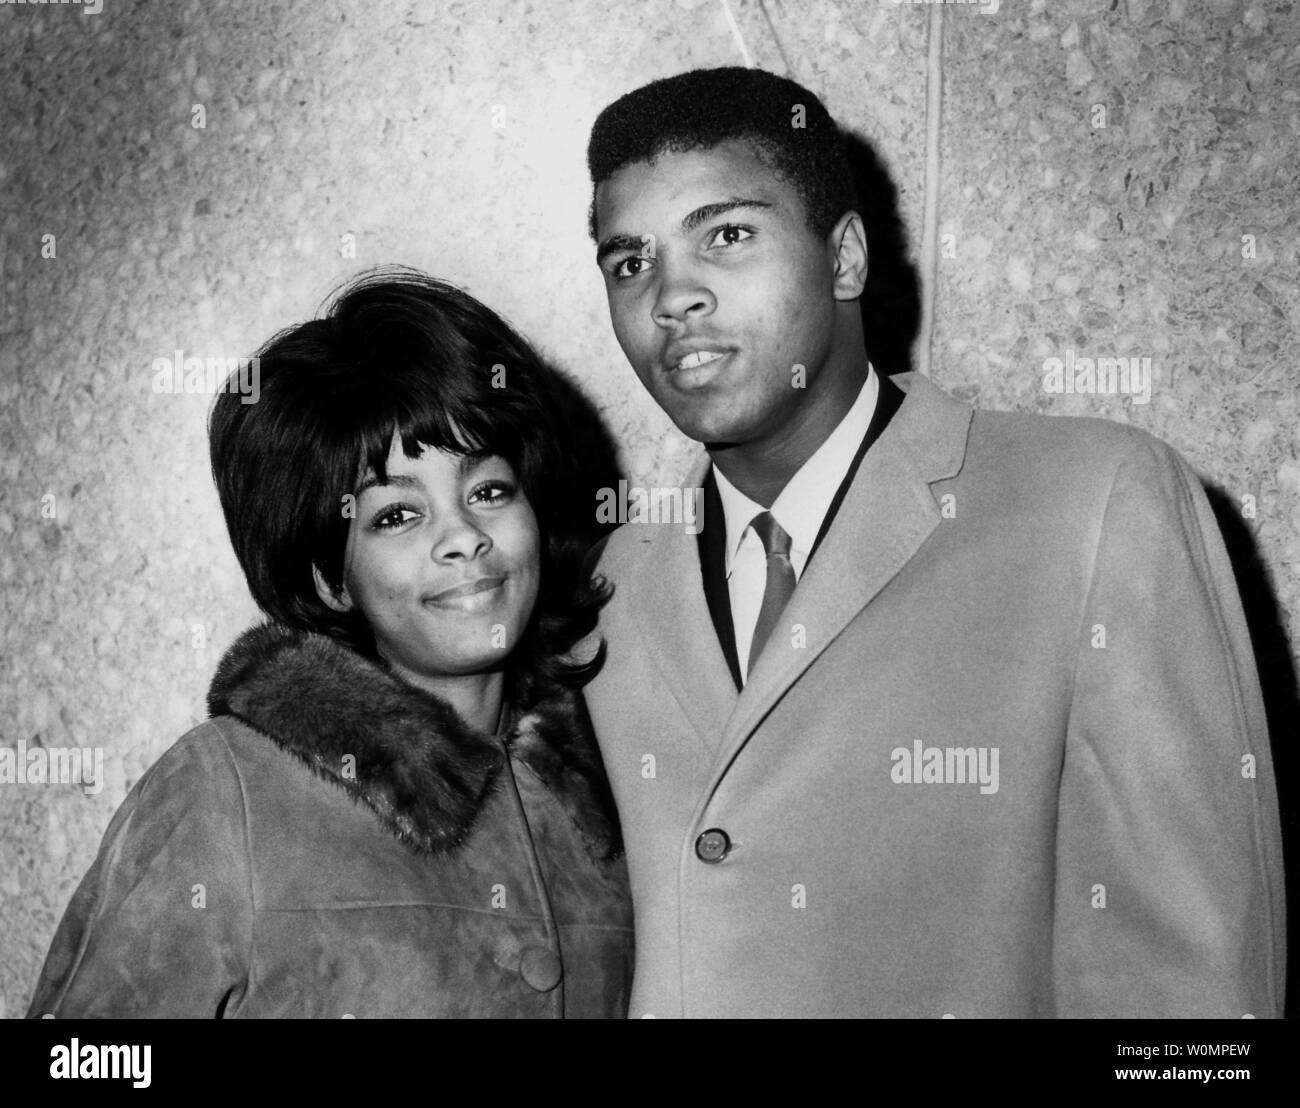 Gran boxeo Muhammad Ali murió a la edad de 74 años en Phoenix, Arizona, el sábado, 4 de junio de 2016. Él era Cassius Clay en 1964 y se encuentra con su esposa Sonji este Noviembre 27, 1964 Foto de archivo de llegar a Chicago, Illinois tras su liberación del Hospital de Boston donde el campeón se sometieron a la cirugía. UPI Foto de stock